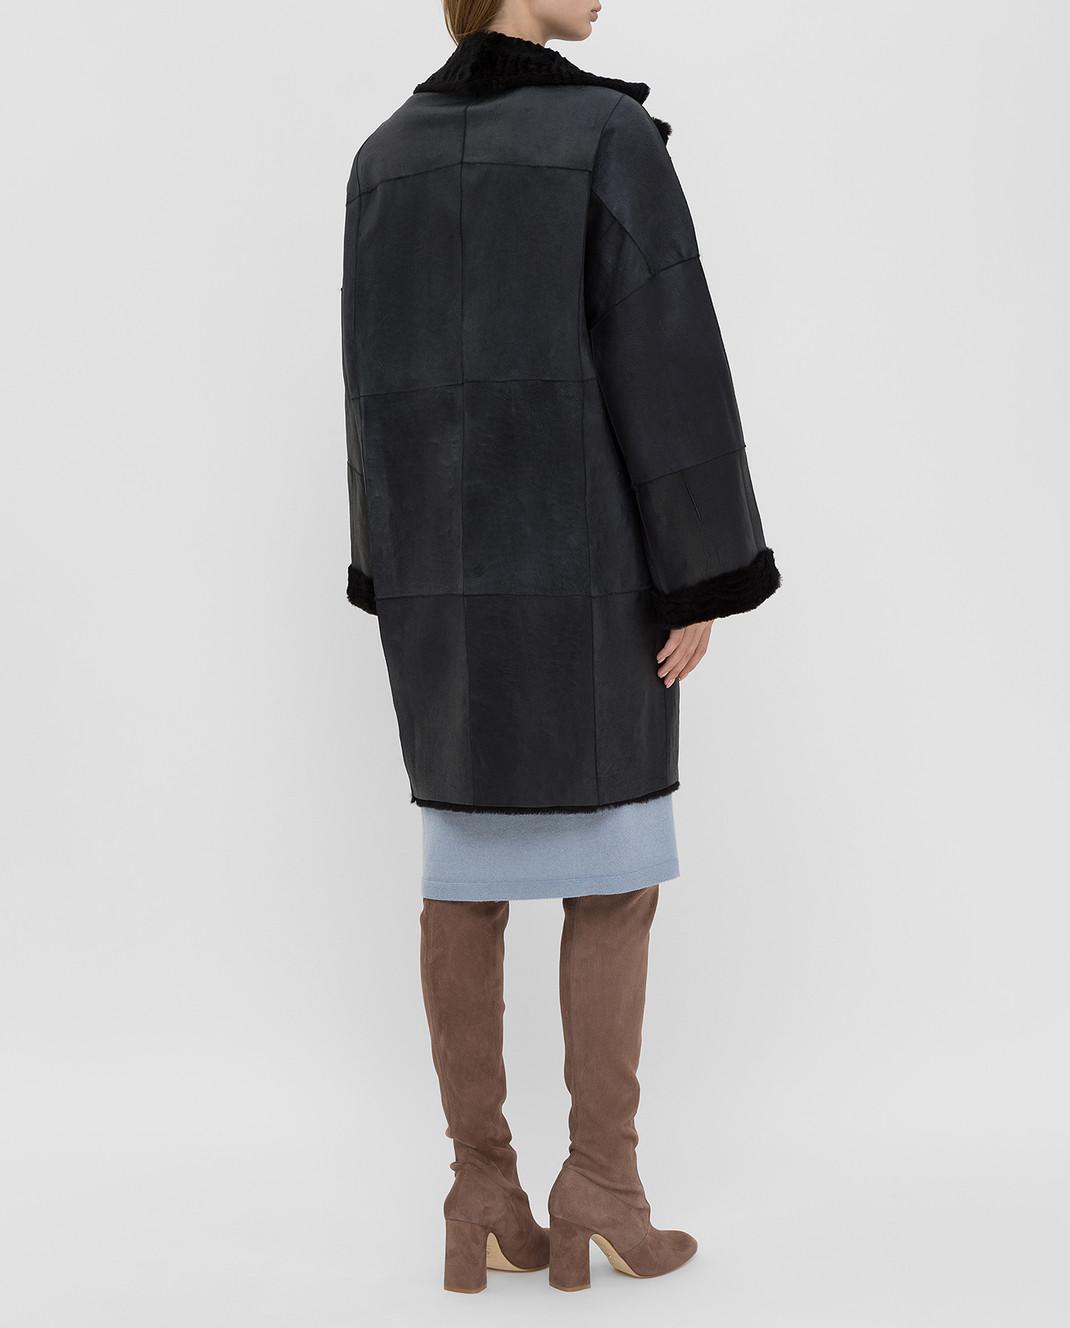 Giuliana Teso Черное пальто из меха кролика изображение 4